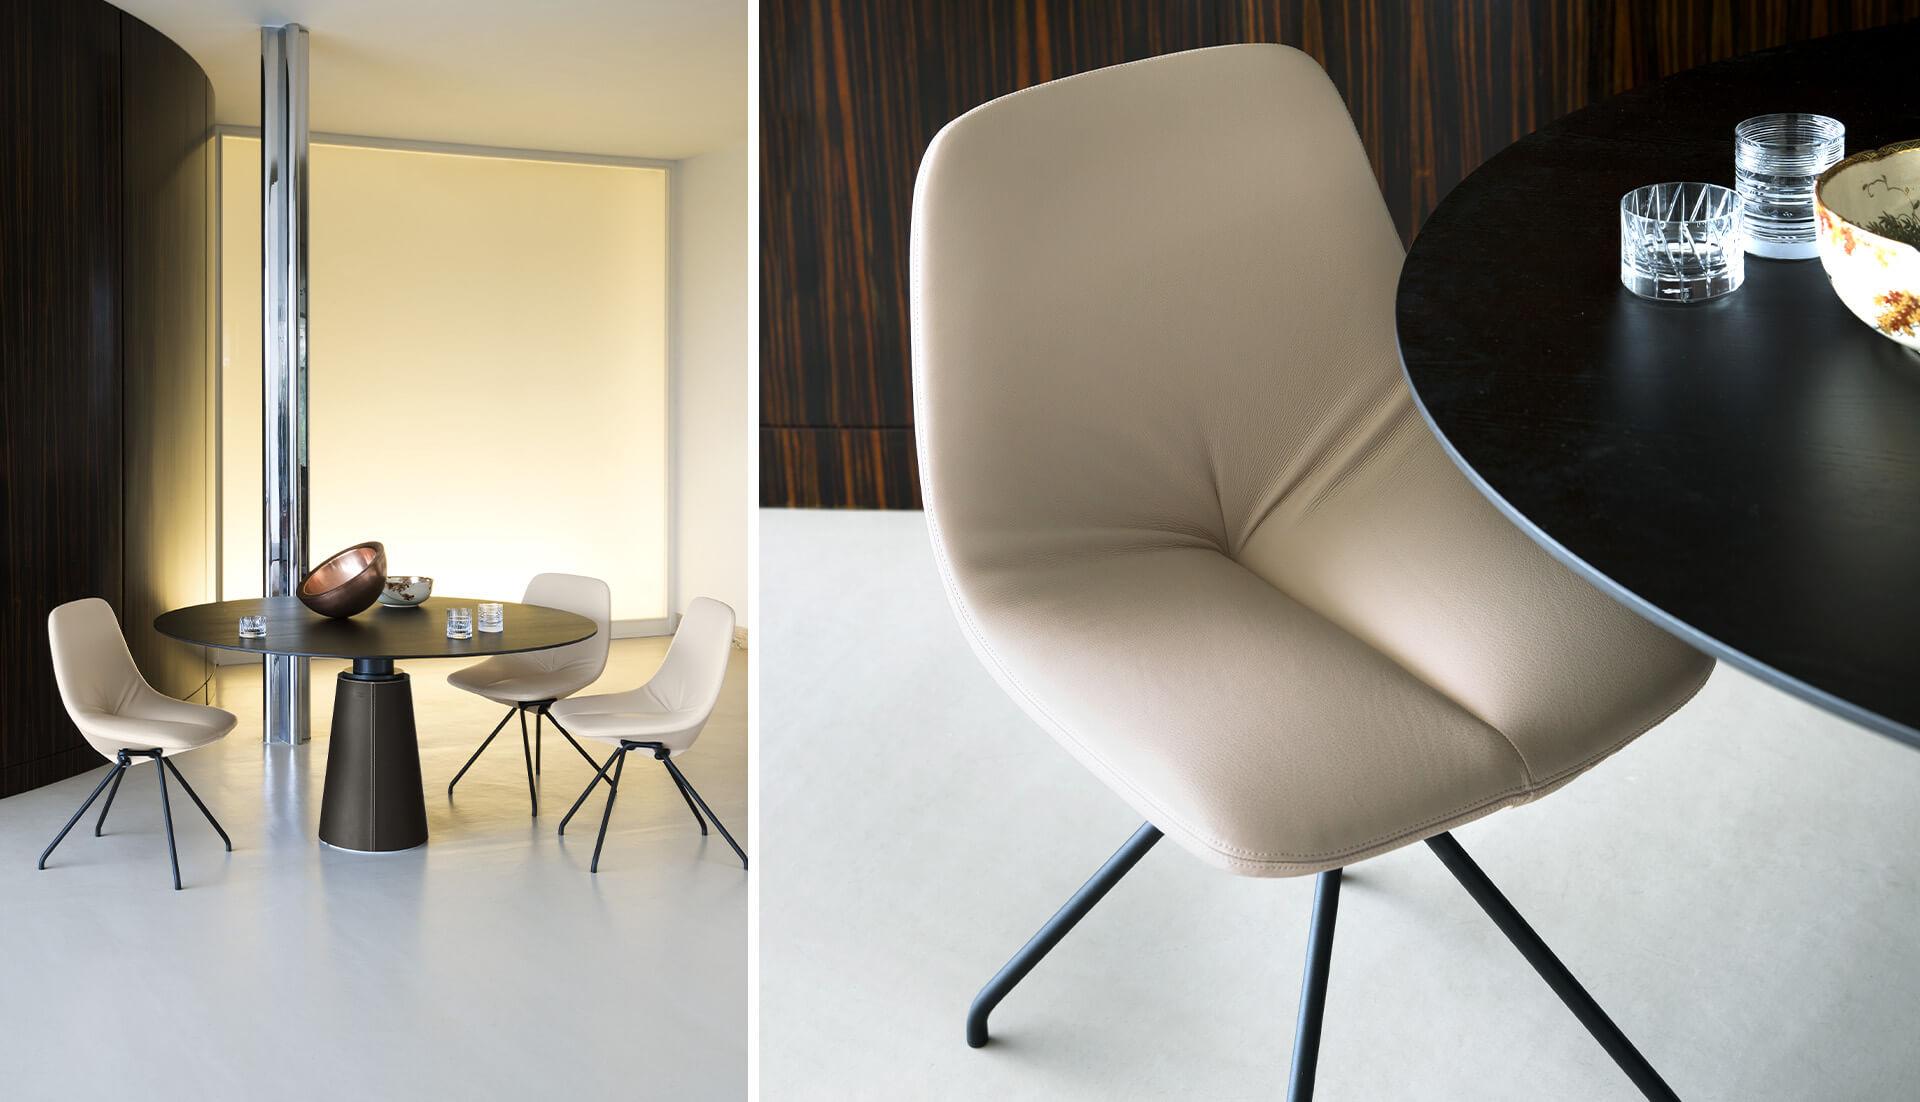 Poltrona Frau DU 30 Chair